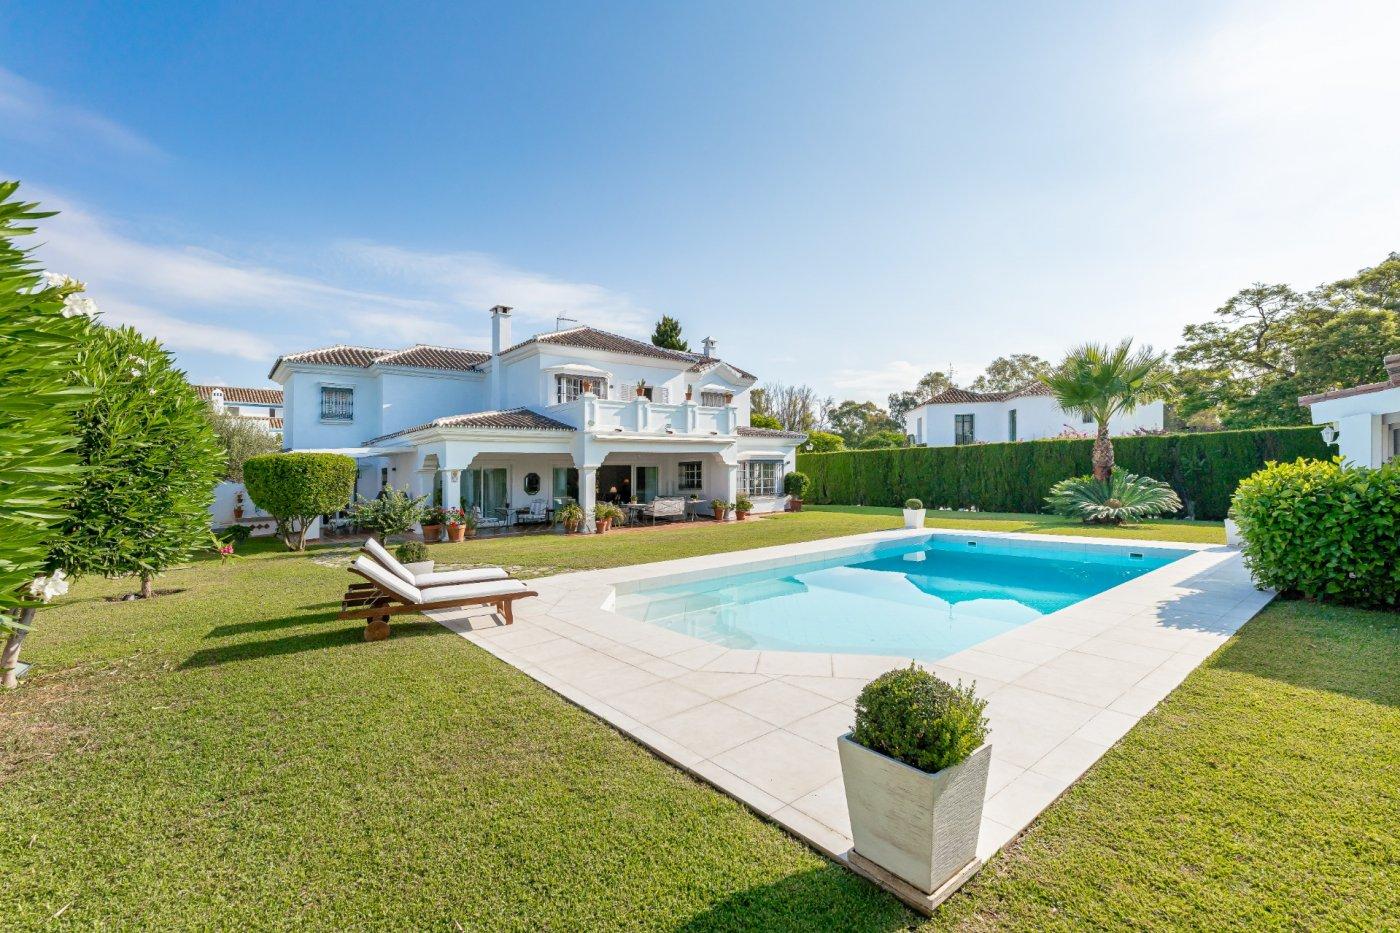 villa en estepona · guadalmina-baja 2400000€